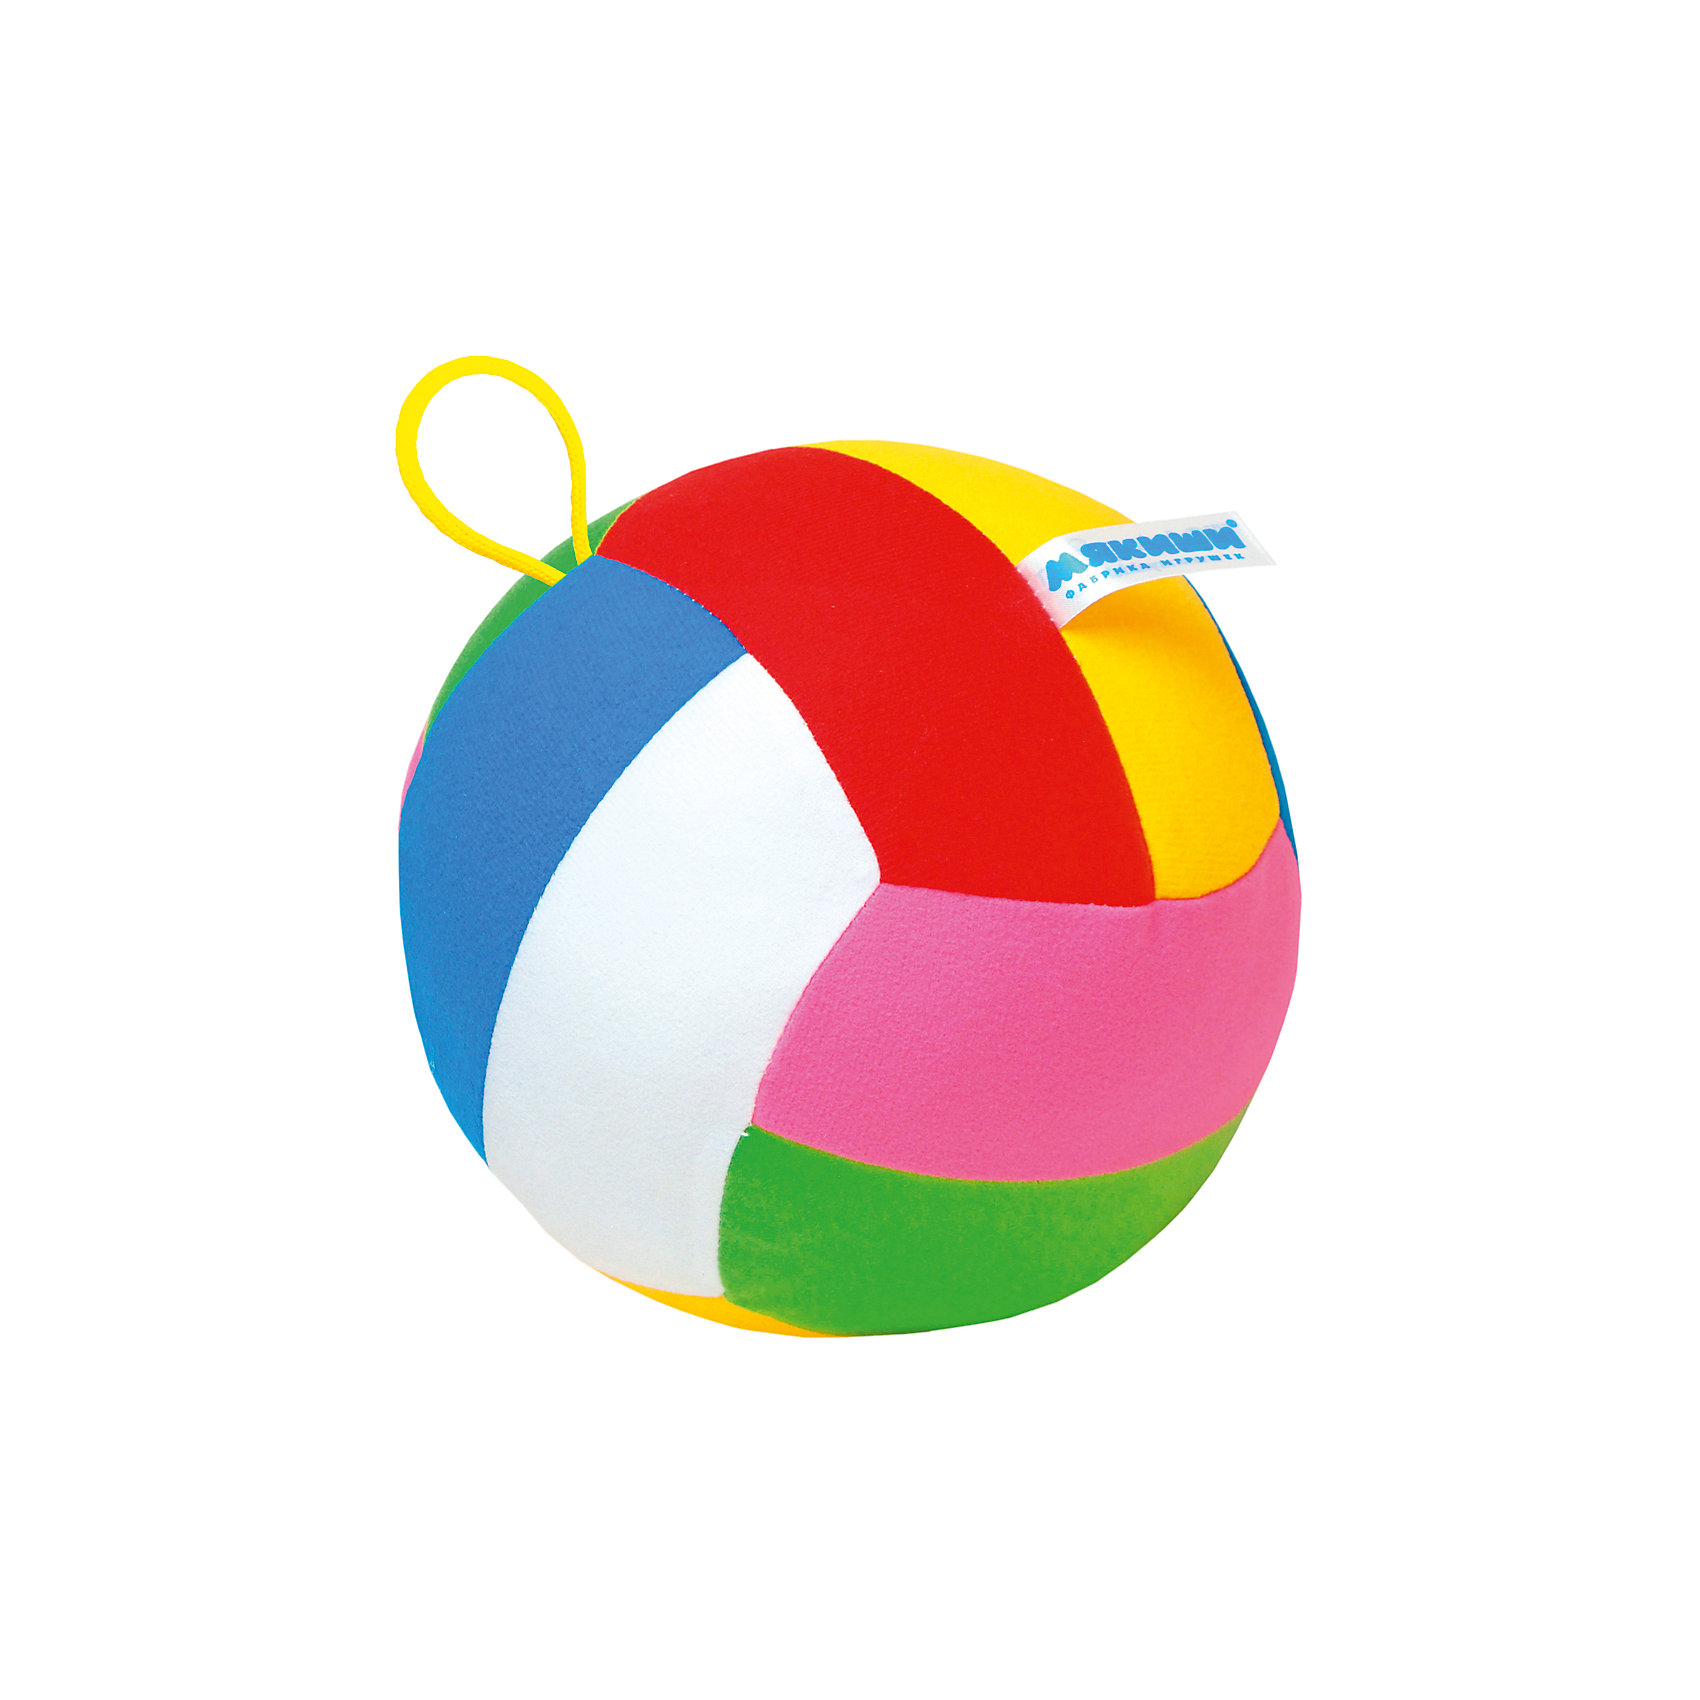 Мяч с погремушкойШалун, МякишиМягкие игрушки<br>Характеристики товара:<br><br>• цвет: разноцветный<br>• материал: трикотаж, холлофайбер<br>• комплектация: 1 шт<br>• размер игрушки: 15 см<br>• размер упаковки: 15 см<br>• развивающая игрушка<br>• упаковка: пакет<br>• звуковой элемент внутри<br>• страна бренда: РФ<br>• страна изготовитель: РФ<br><br>Малыши активно познают мир и тянутся к новой информации. Чтобы сделать процесс изучения окружающего пространства интереснее, ребенку можно подарить развивающие игрушки. В процессе игры информация усваивается намного лучше!<br>Такие мячики помогут занять малыша, играть ими приятно и весело. Одновременно они позволят познакомиться с разными цветами и фактурами. Такие игрушки развивают тактильные ощущения, моторику, цветовосприятие, логику, воображение, учат фокусировать внимание. Каждое изделие абсолютно безопасно – оно создано из качественной ткани с мягким наполнителем. Игрушки производятся из качественных и проверенных материалов, которые безопасны для детей.<br><br>Мяч с погремушкой Шалун от бренда Мякиши можно купить в нашем интернет-магазине.<br><br>Ширина мм: 160<br>Глубина мм: 160<br>Высота мм: 160<br>Вес г: 90<br>Возраст от месяцев: 12<br>Возраст до месяцев: 36<br>Пол: Унисекс<br>Возраст: Детский<br>SKU: 5183161